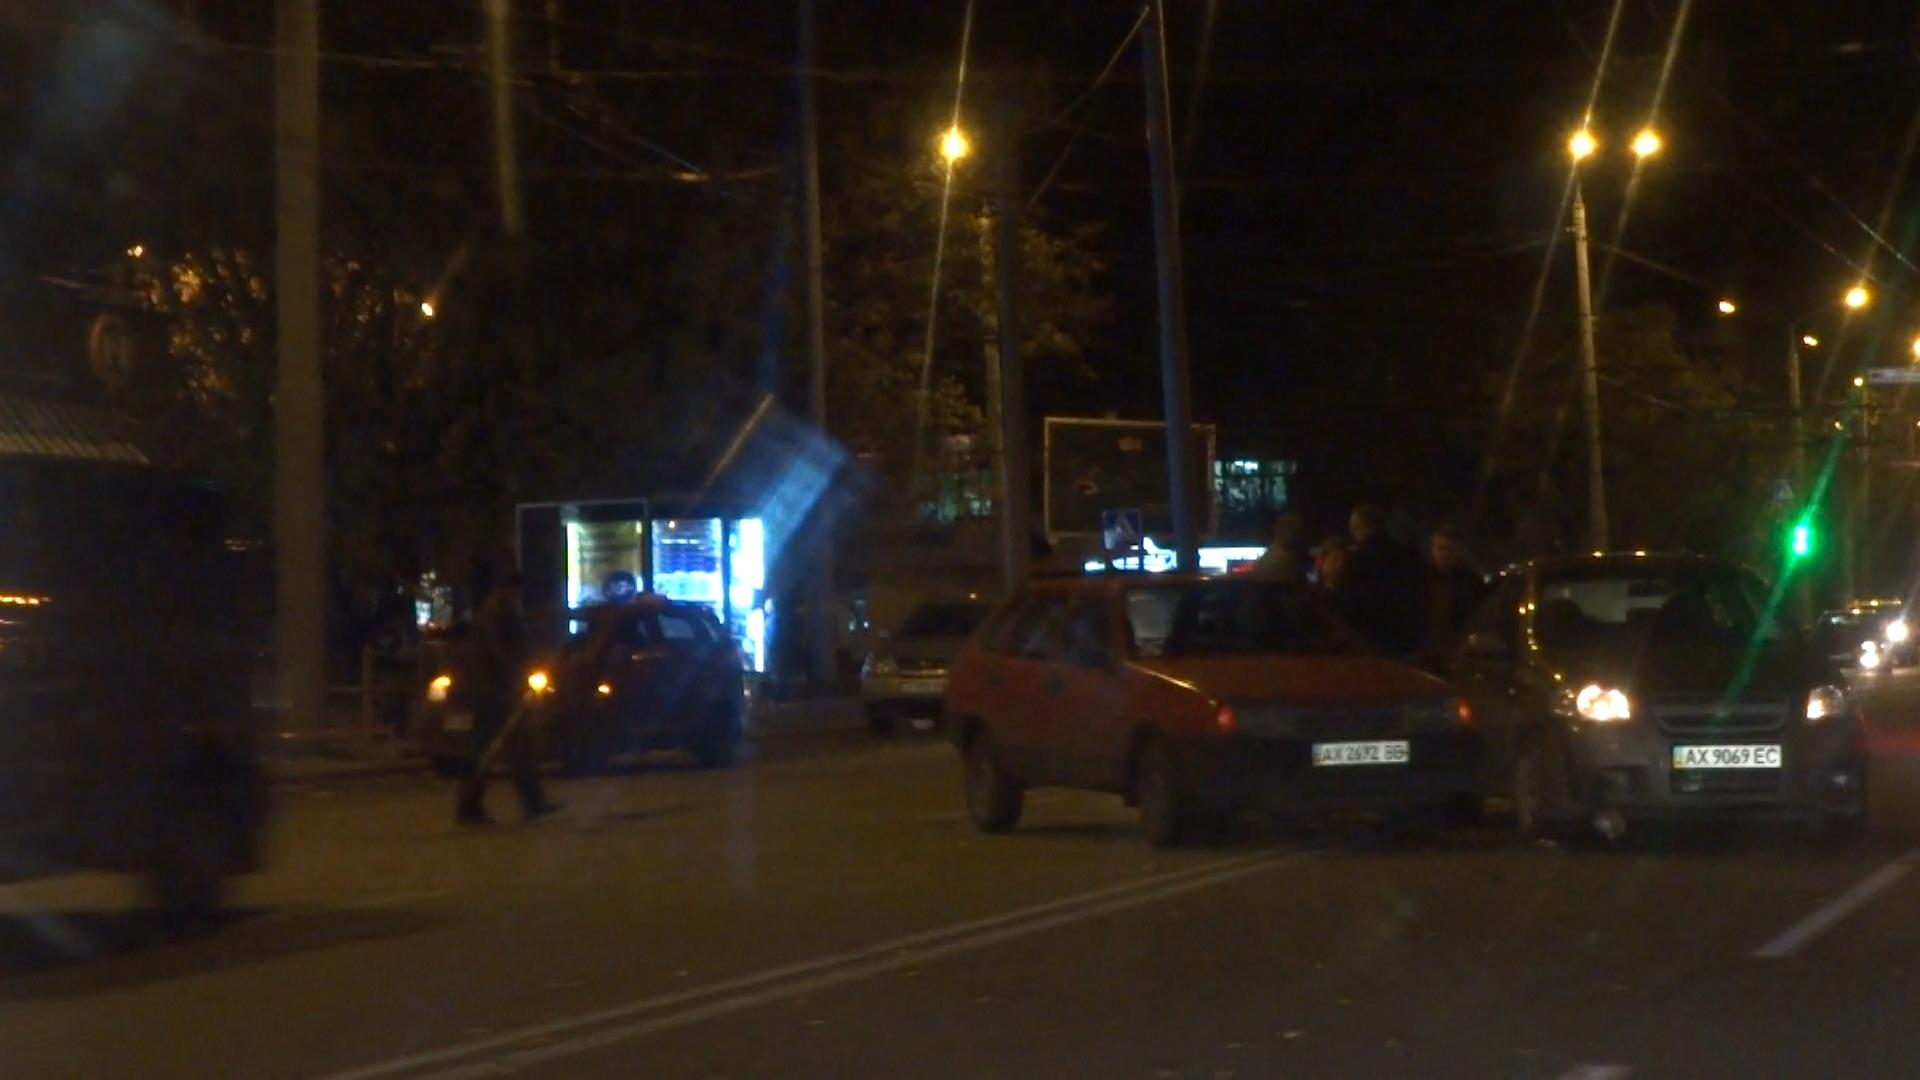 Для двух харьковских автолюбителей сбылись плохие приметы (фото, видео)